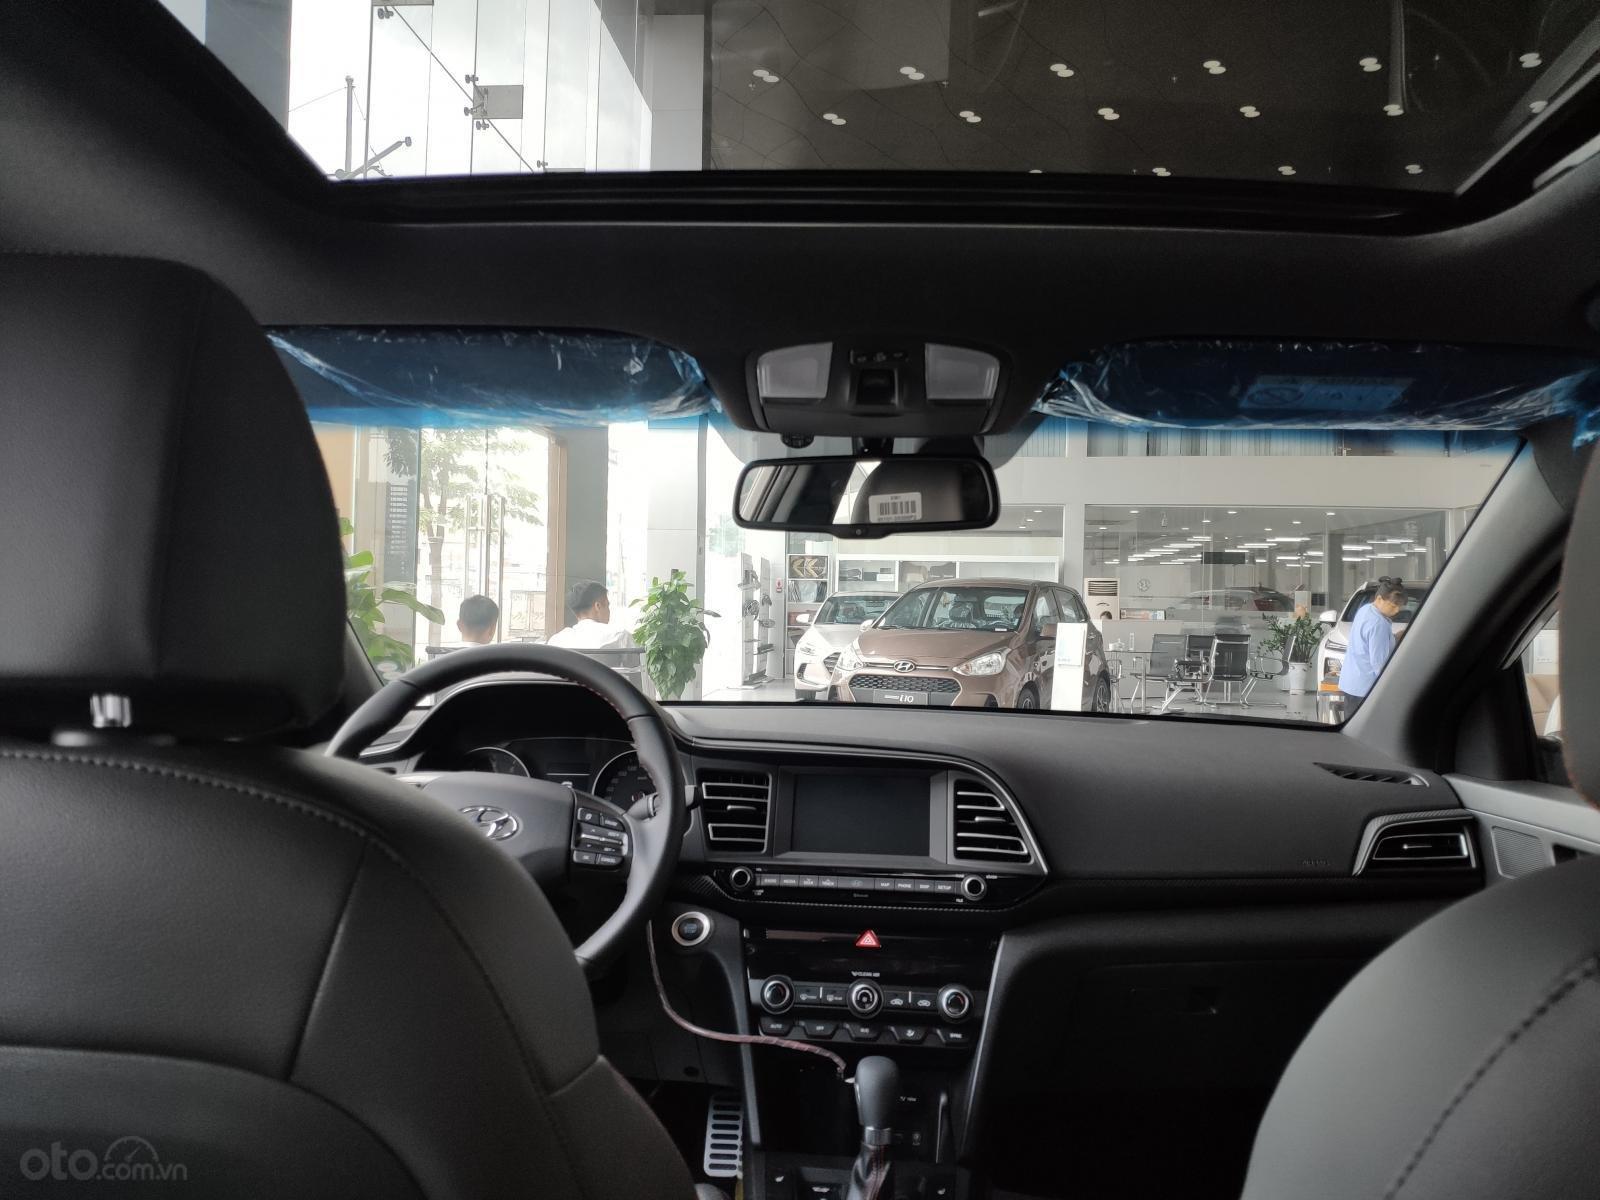 Giảm nóng 50% TTB - Hyundai Elantra - cam kết giá tốt nhất toàn hệ thống (4)